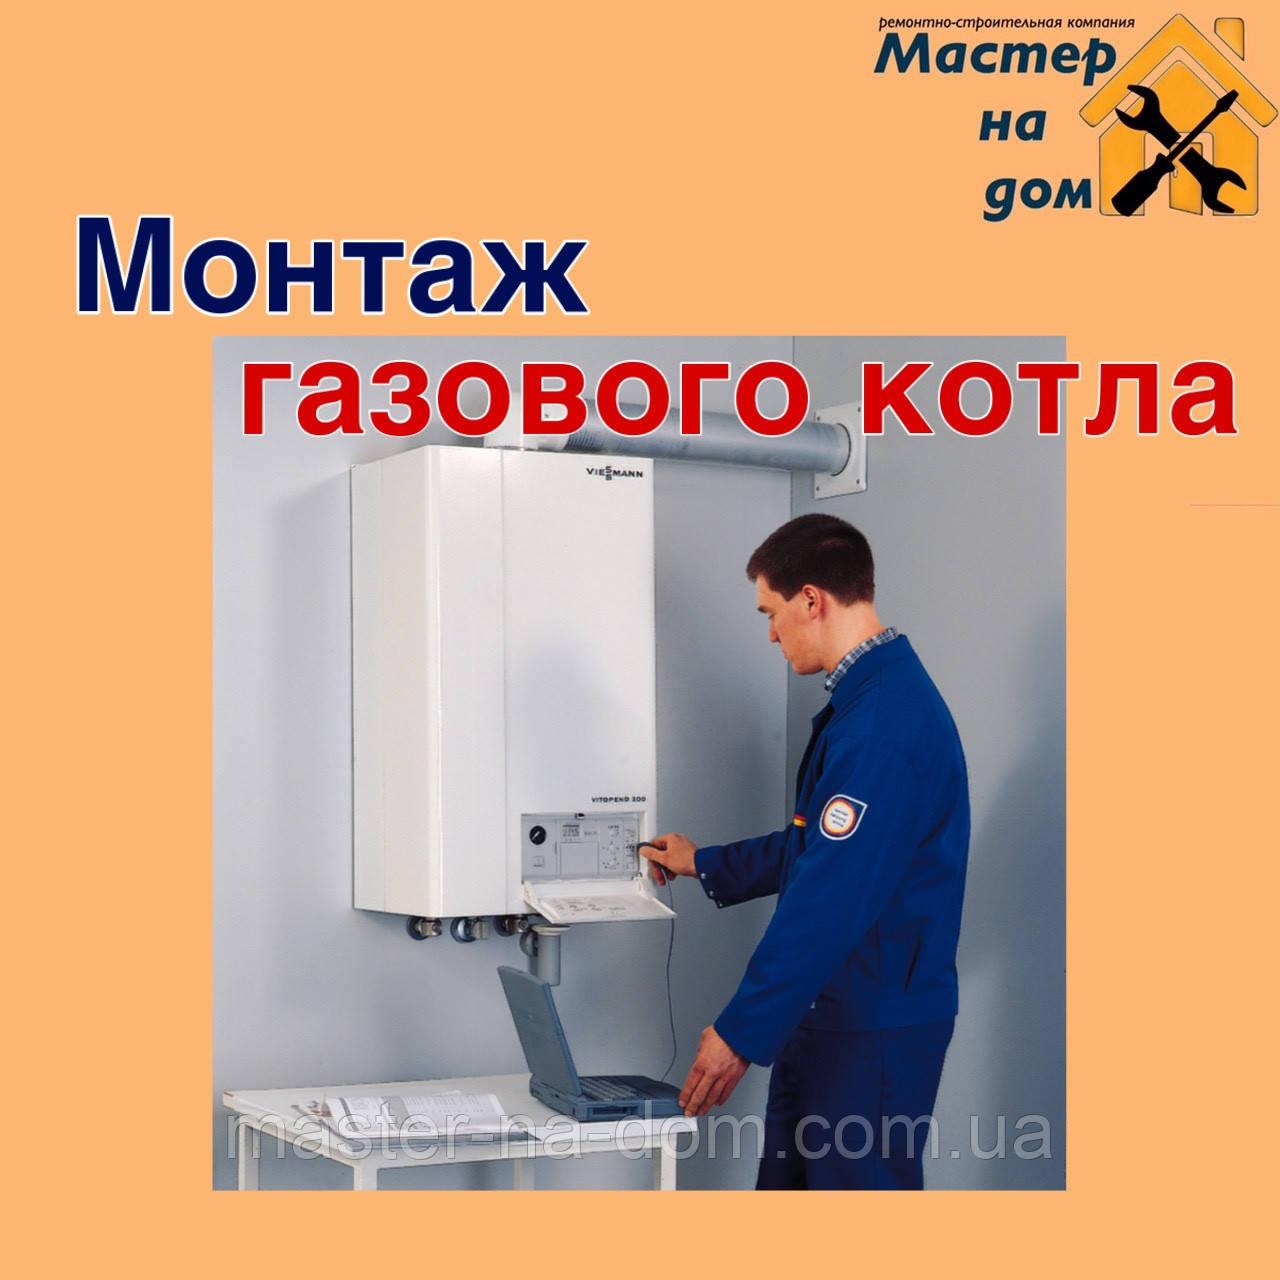 Монтаж газового котла, колонки в Запорожье